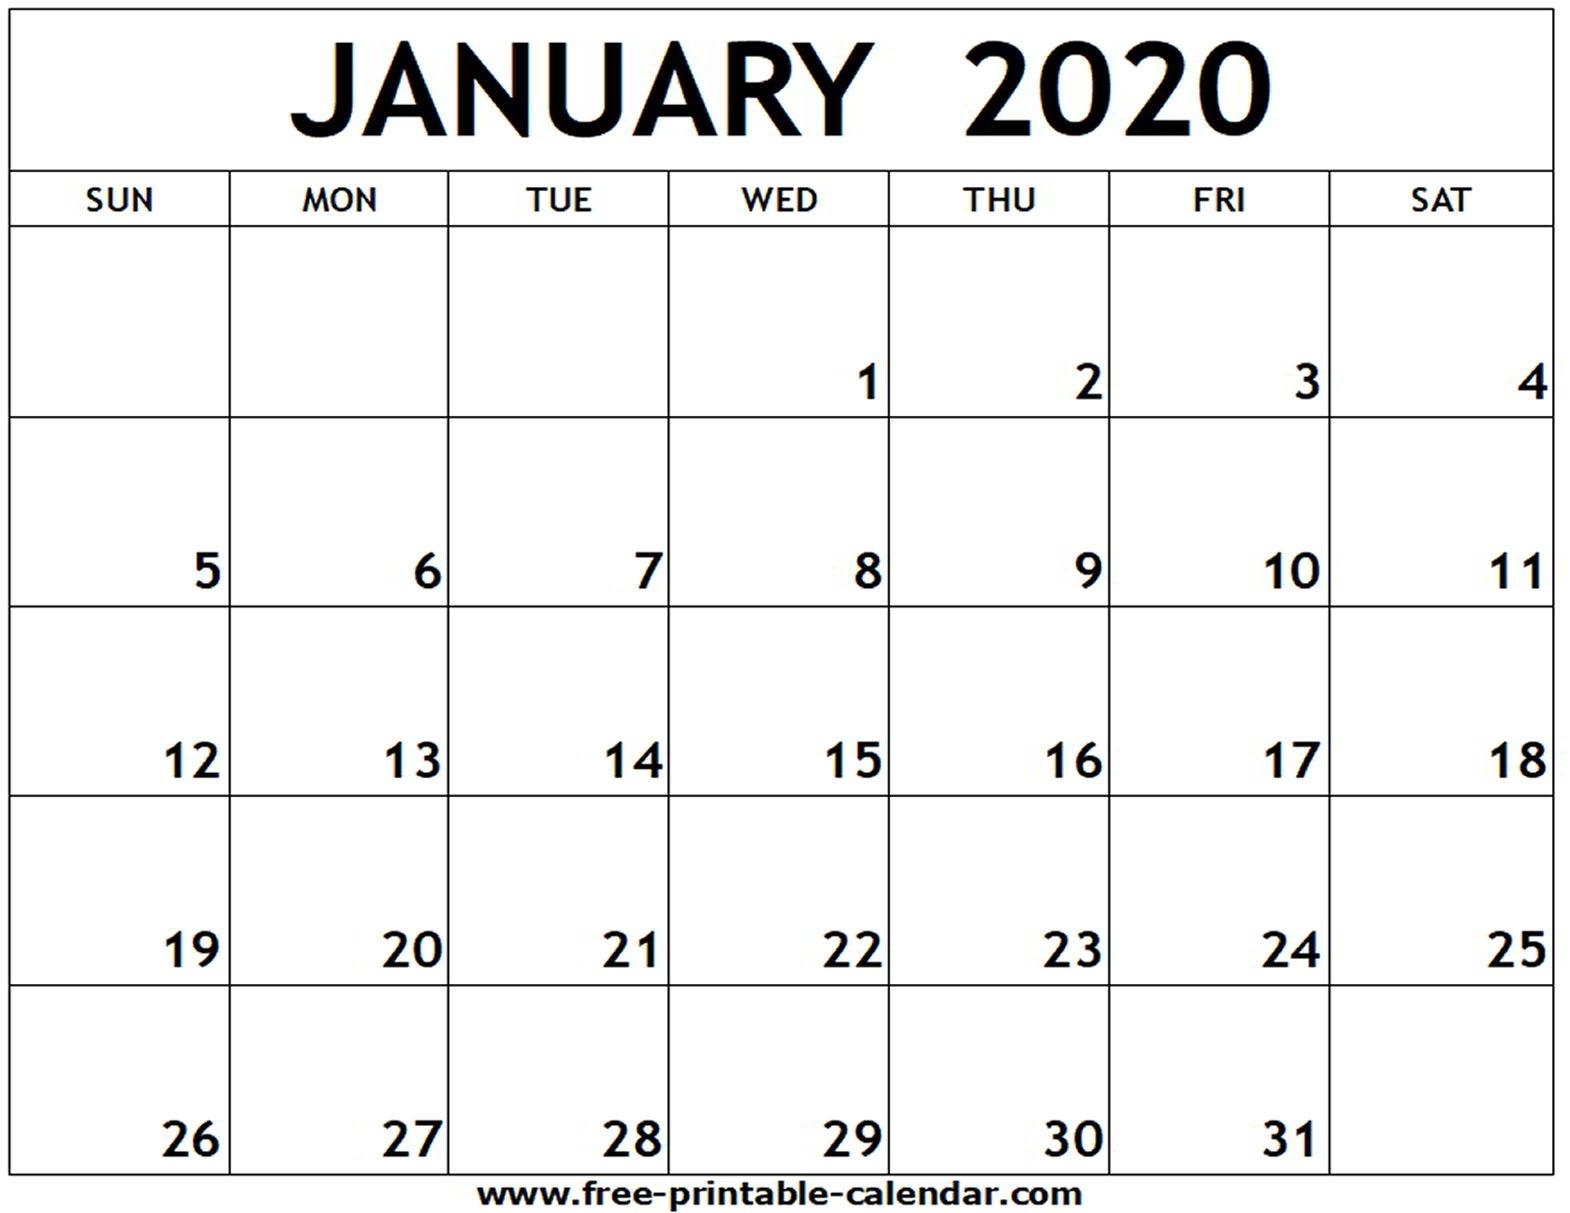 January 2020 Printable Calendar - Free-Printable-Calendar-Free January 2020 Calendar